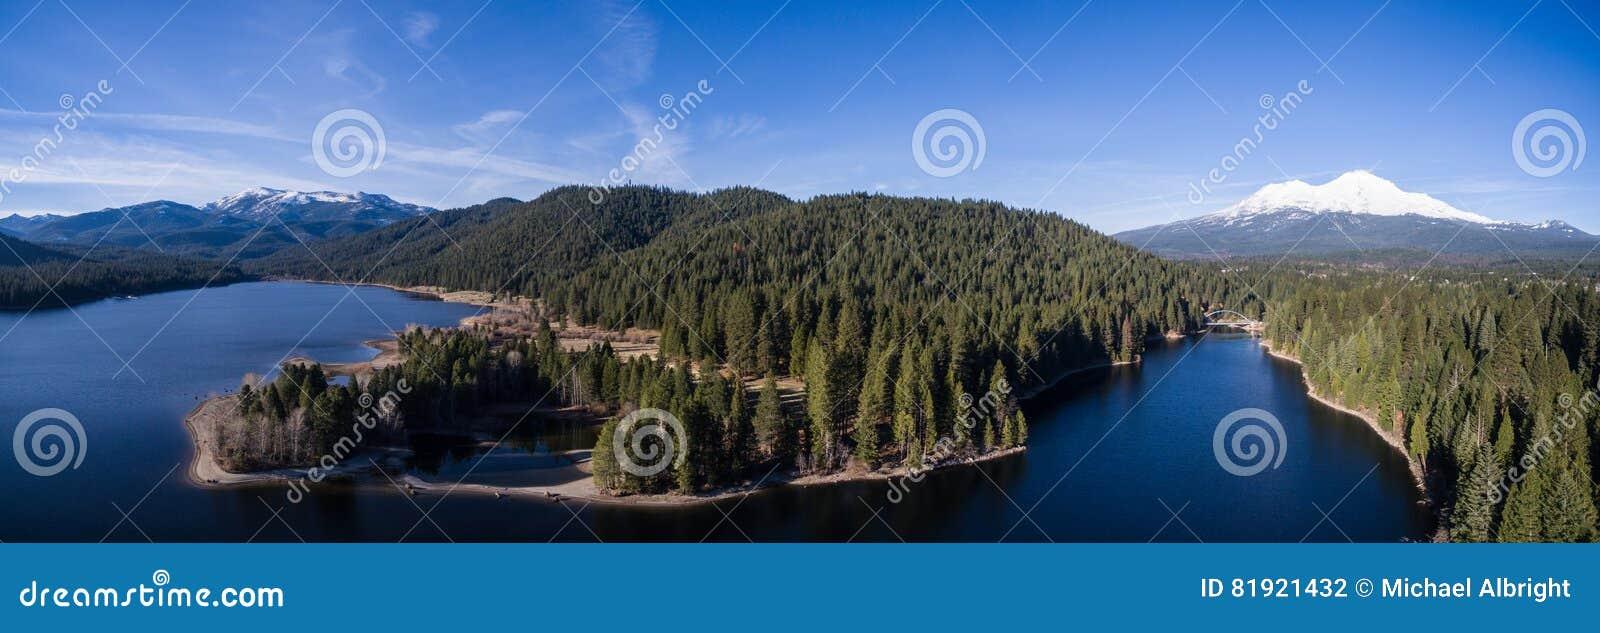 Lucht - het Meer van Siskiyou en zet Shasta, Californië op